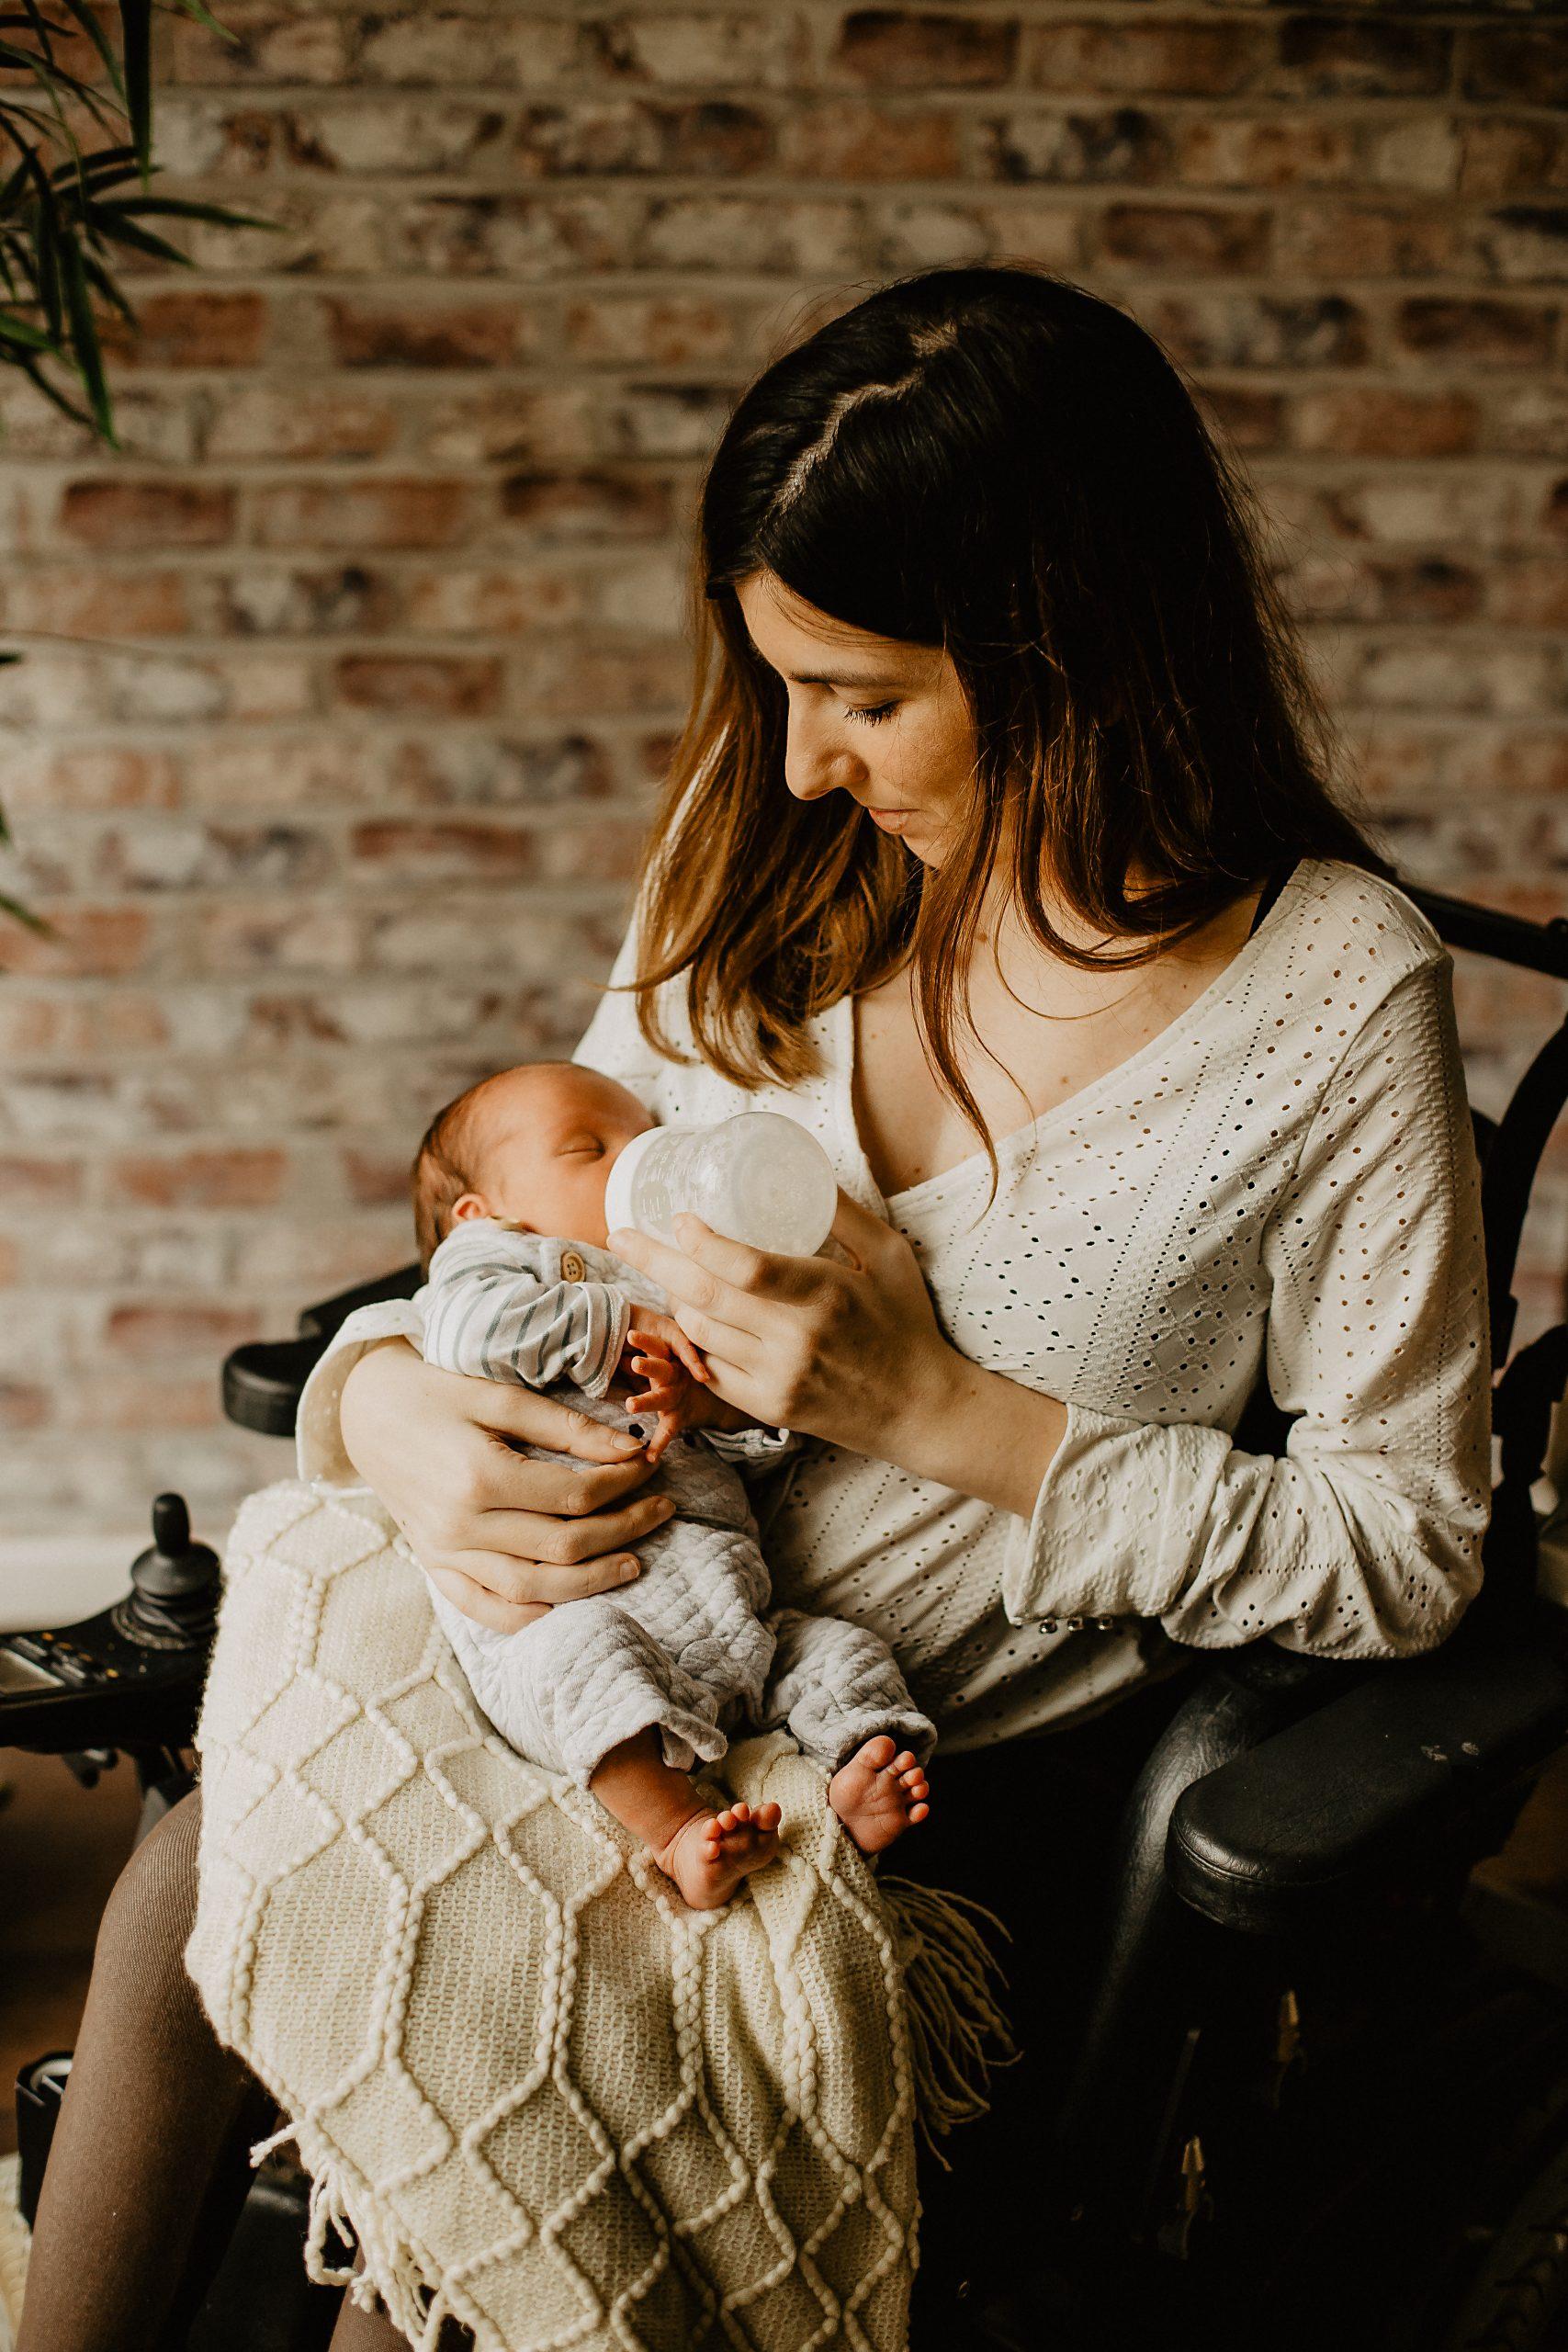 Virginie M. Photos-séance à domicile-bébé-naissance-lifestyle-amour-famille-photographe Lille-Nord-Lille-photos-nouveau né (12)